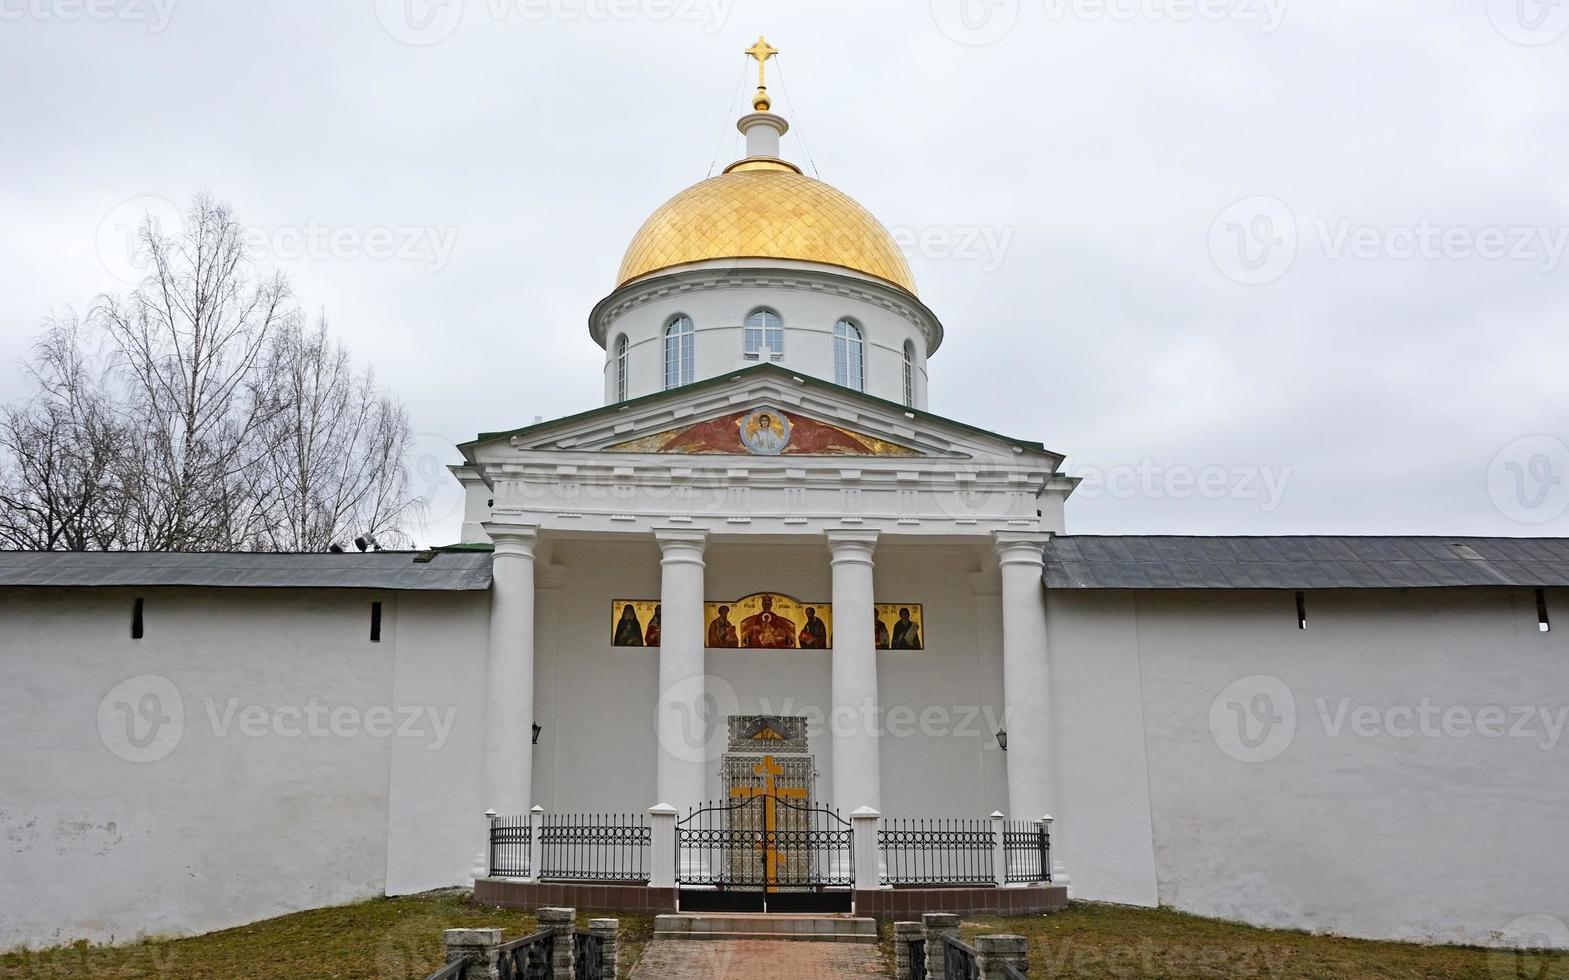 st. Michaels Kathedrale des Klosters der Heiligen Mariä Himmelfahrt in den Pskow-Höhlen foto